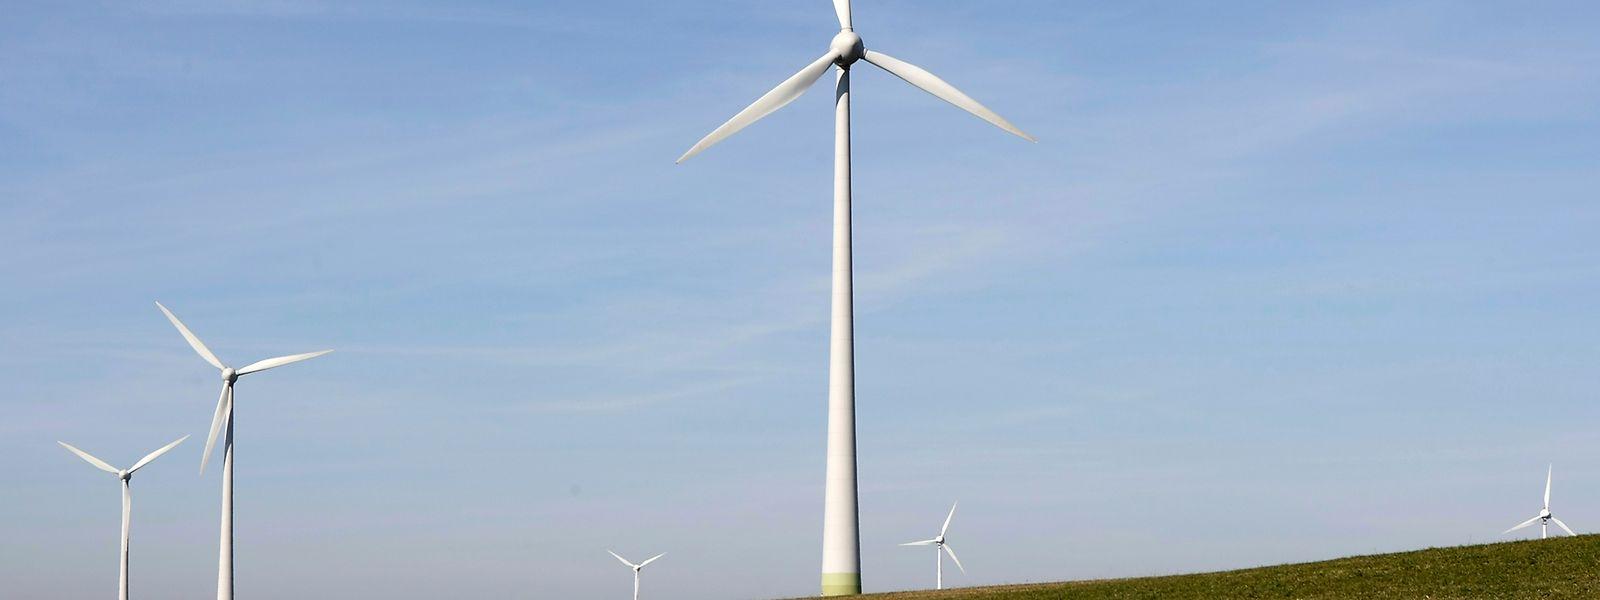 Mit dem notwendigen Abstand zu Wohngebieten machen Windräder keinerlei Probleme.